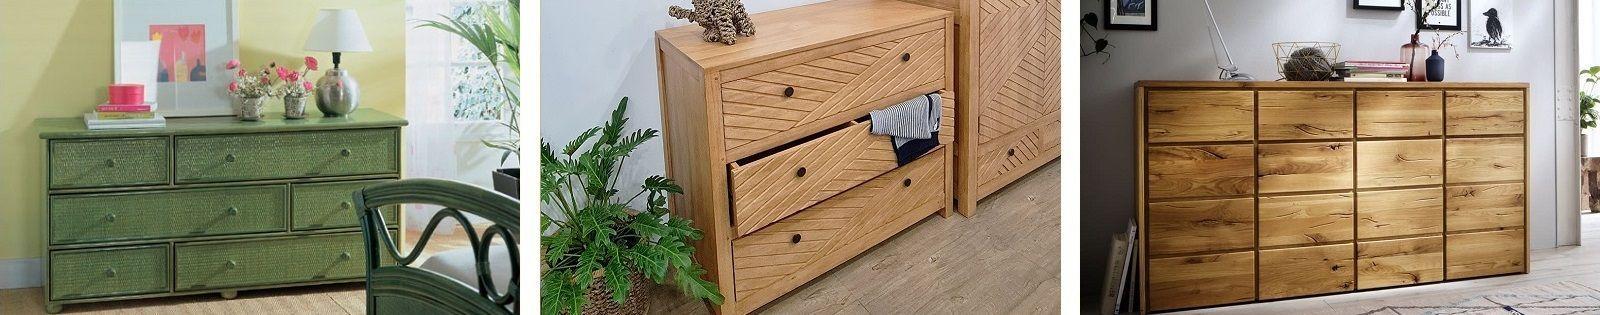 Commode exotique en bambou, fer forgé, rotin, et en bois massif : chêne, teck, hévéa. Lotuséa